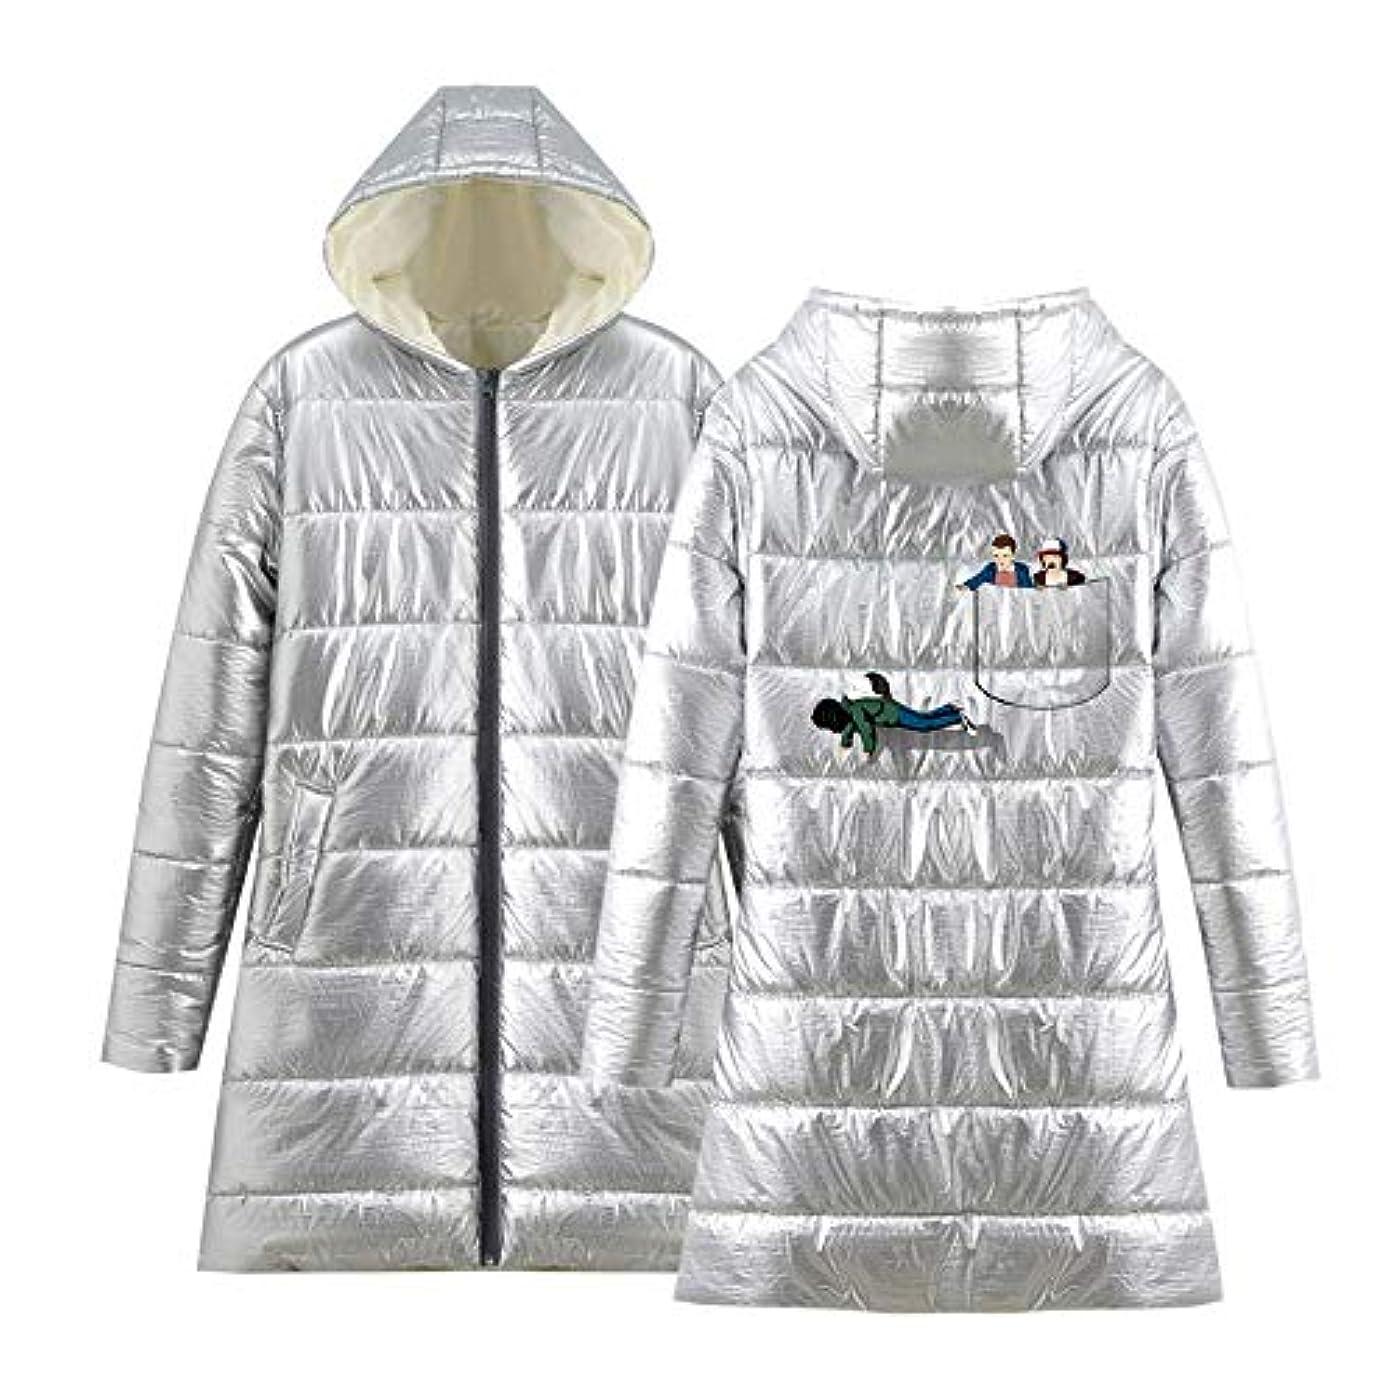 コース探すウェーハ超軽量暖かいミディアムジャケットと長いセクション長袖印刷ヨーロッパやアメリカのトレンドダウンジャケット女性と男性,銀,M